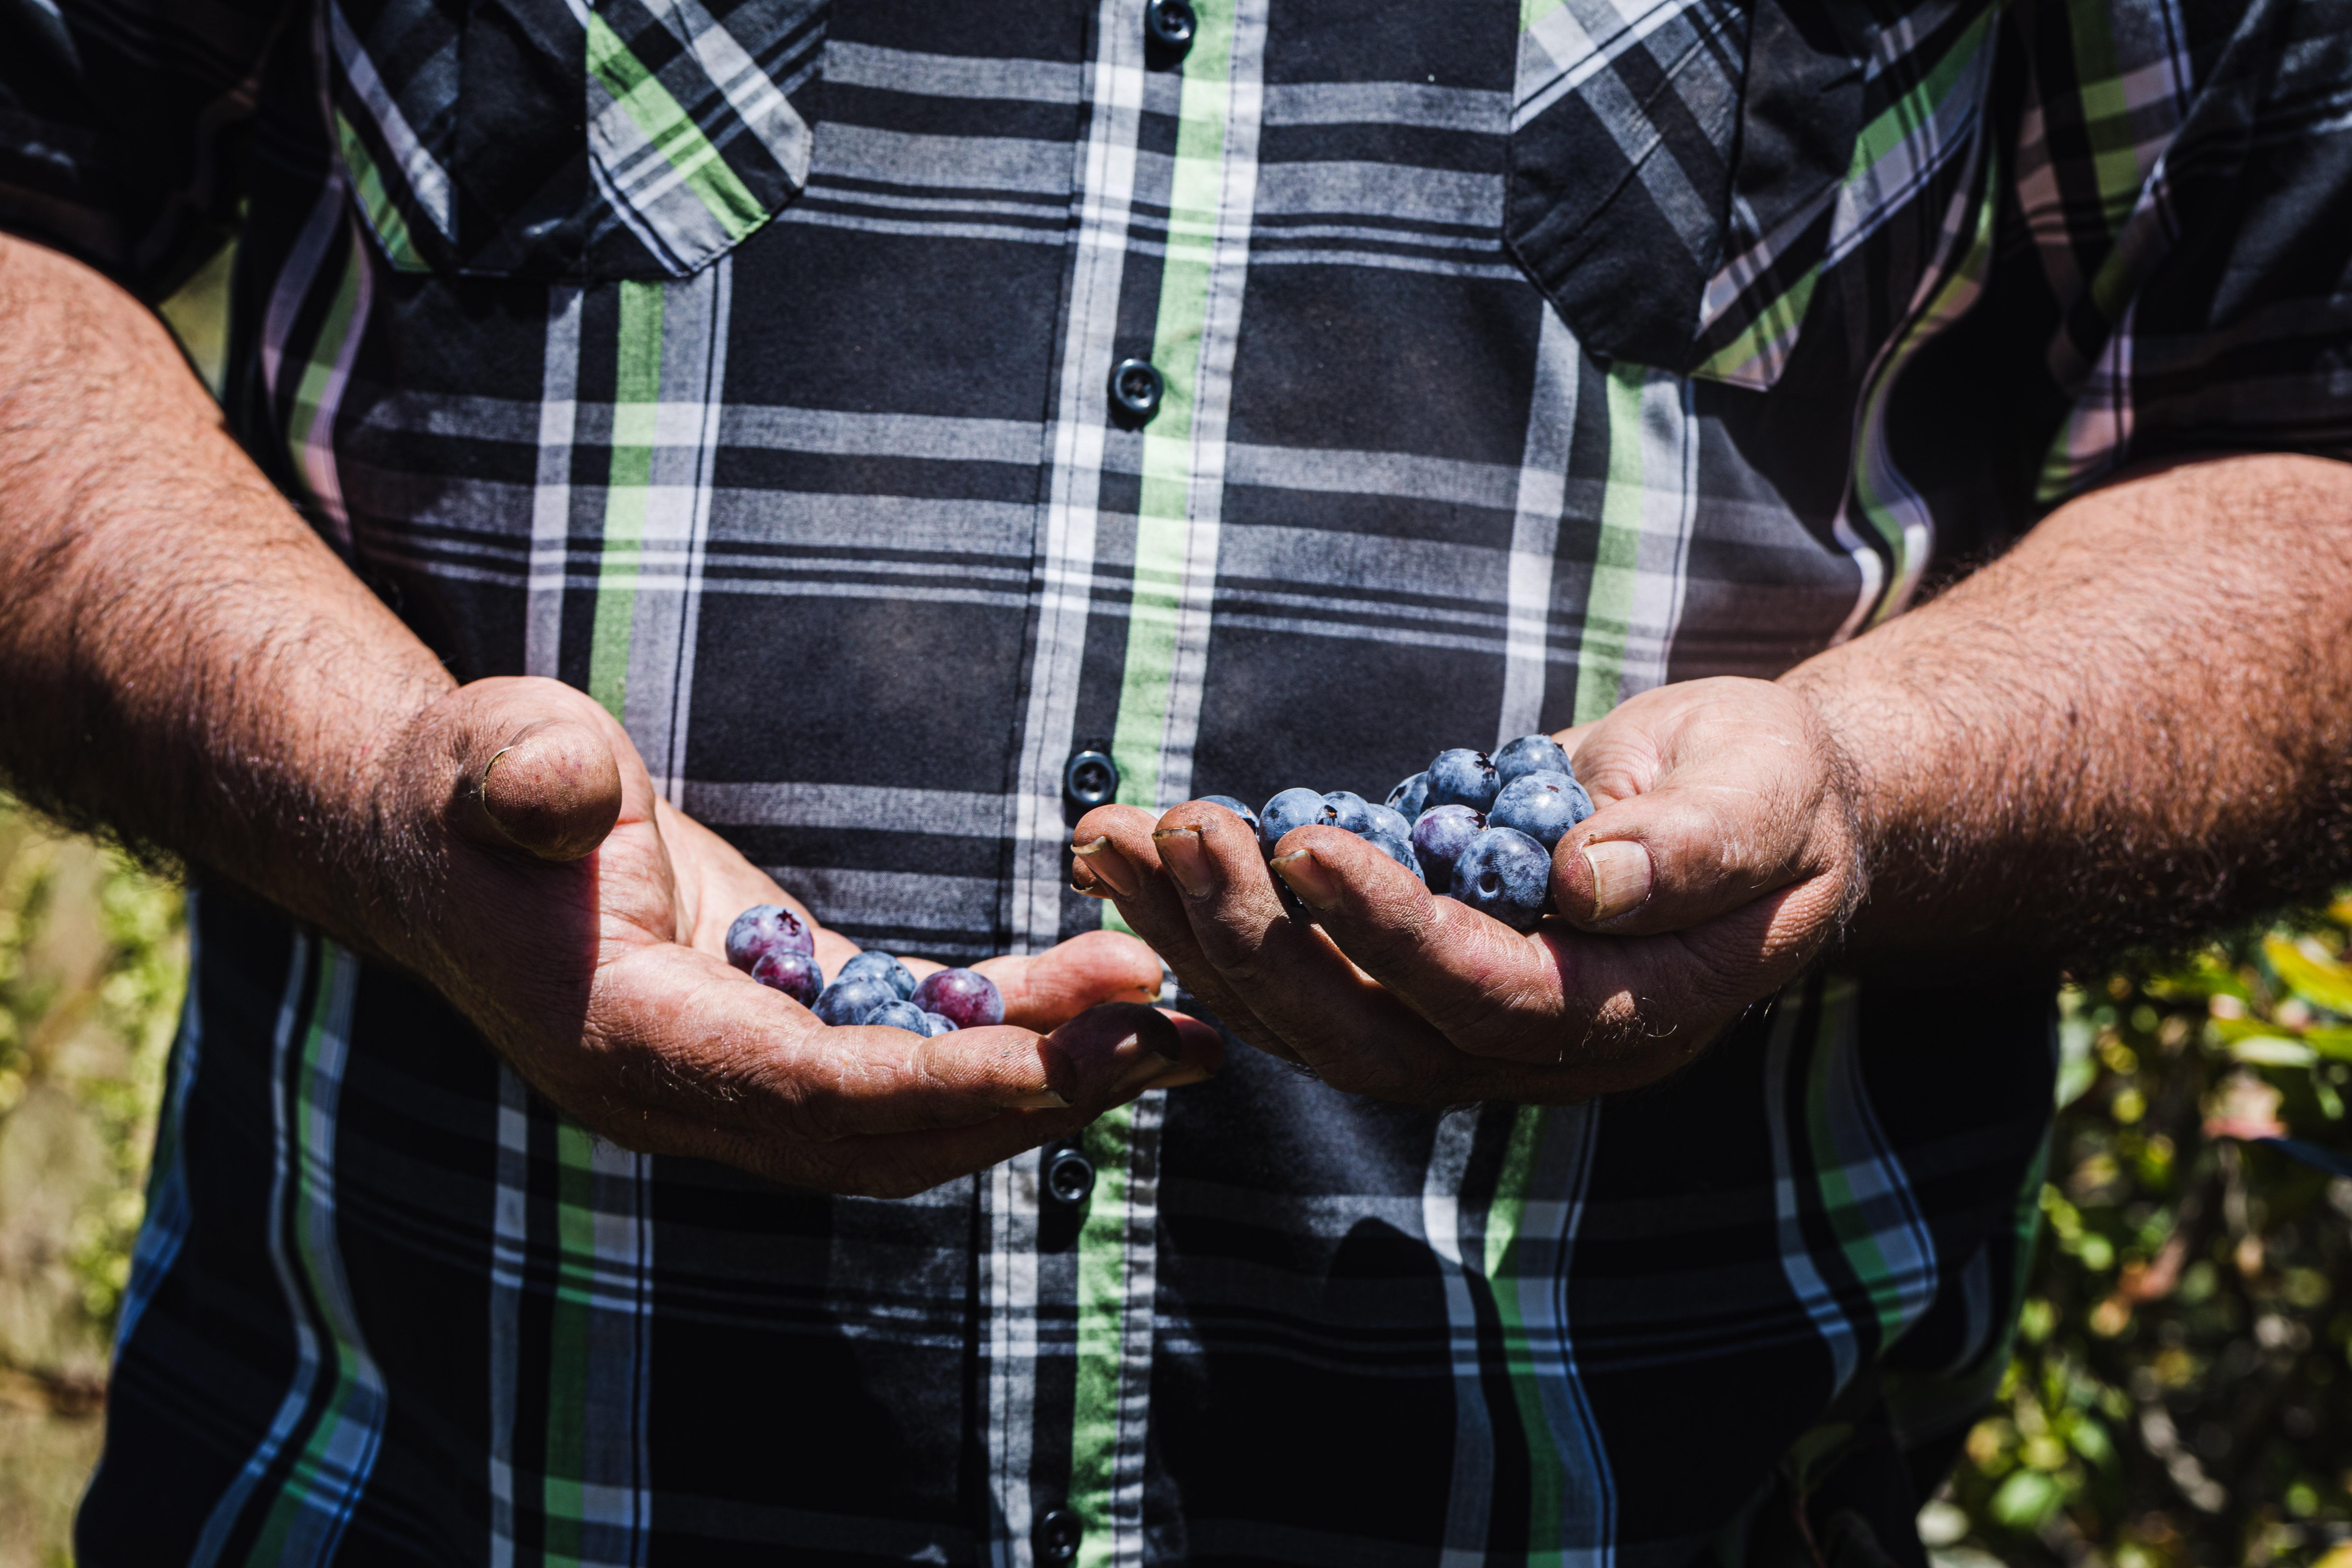 JSM Organics founder, Javier Zamora, showing off the blueberry bounty.